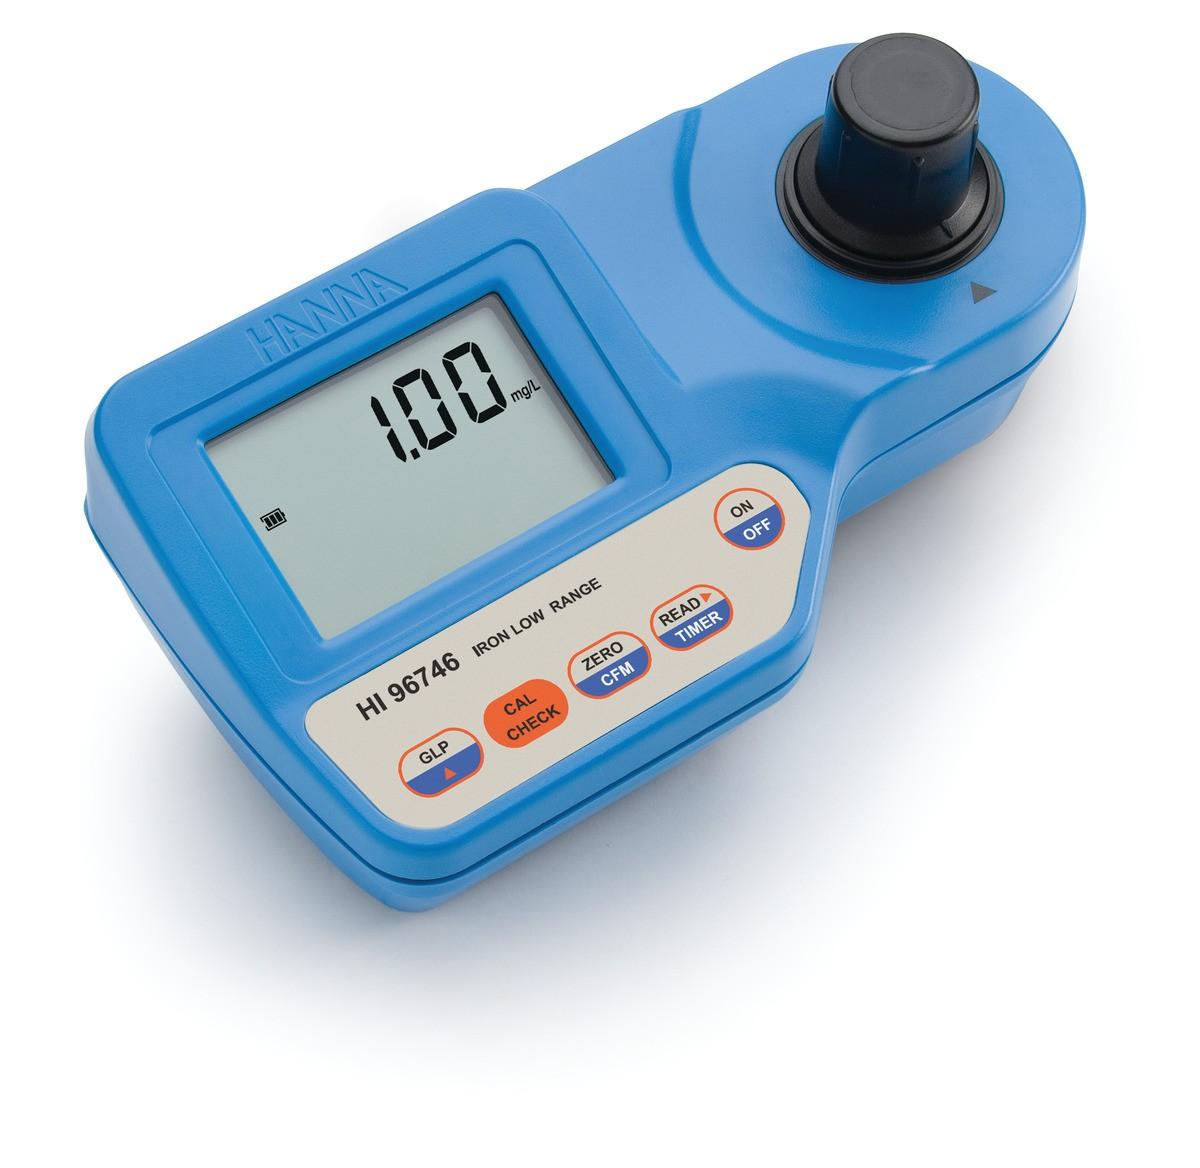 HI96746 - Demir Düşük Aralıklı Taşınabilir Fotometre